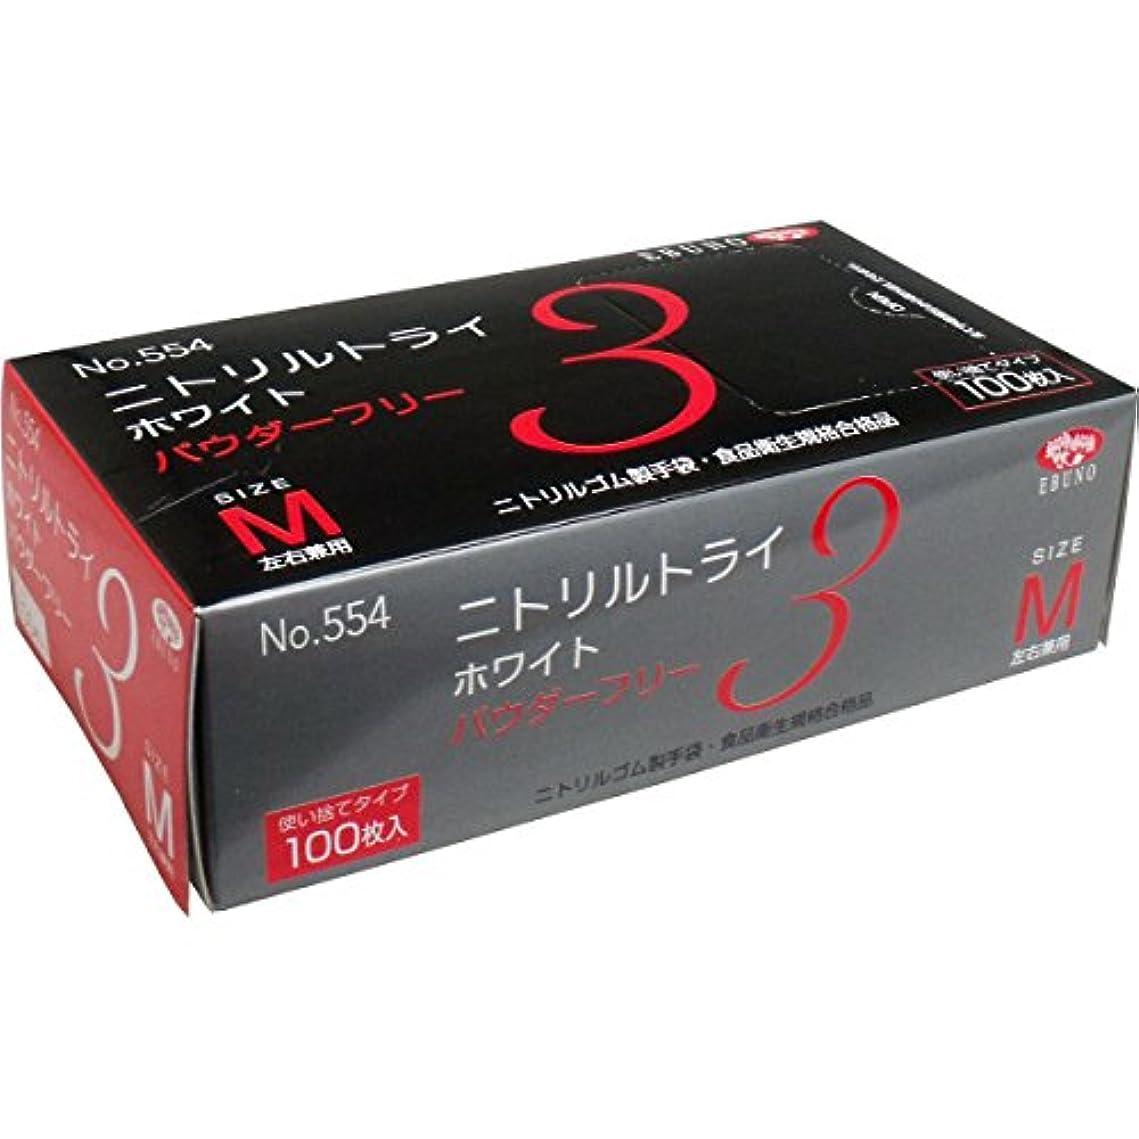 心理的ポインタ喉頭ニトリルトライ3 手袋 ホワイト パウダーフリー Mサイズ 100枚入(単品)